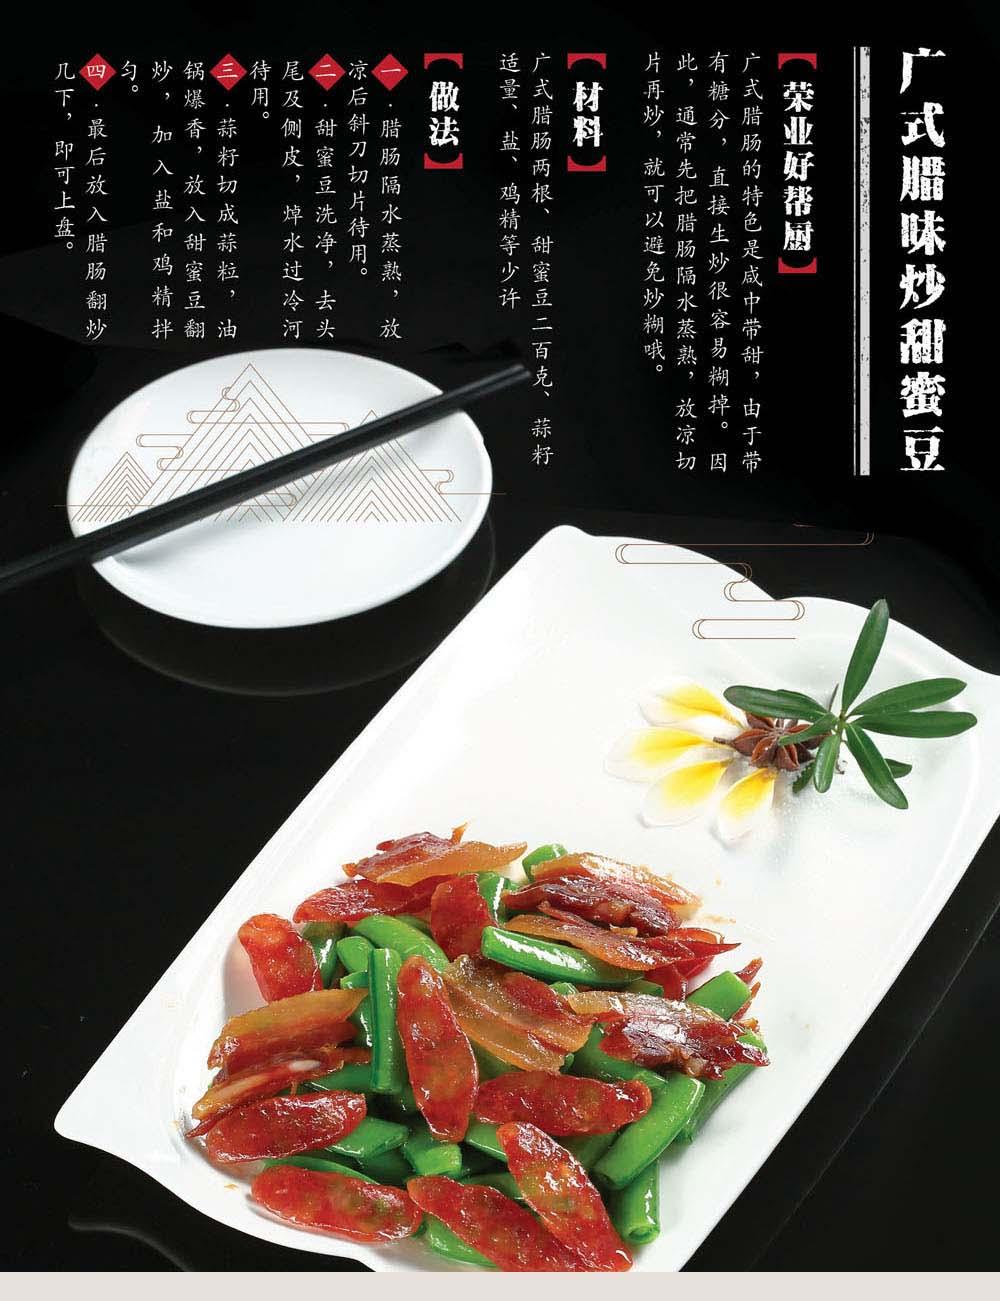 02vwin德赢备用官网炒甜蜜味